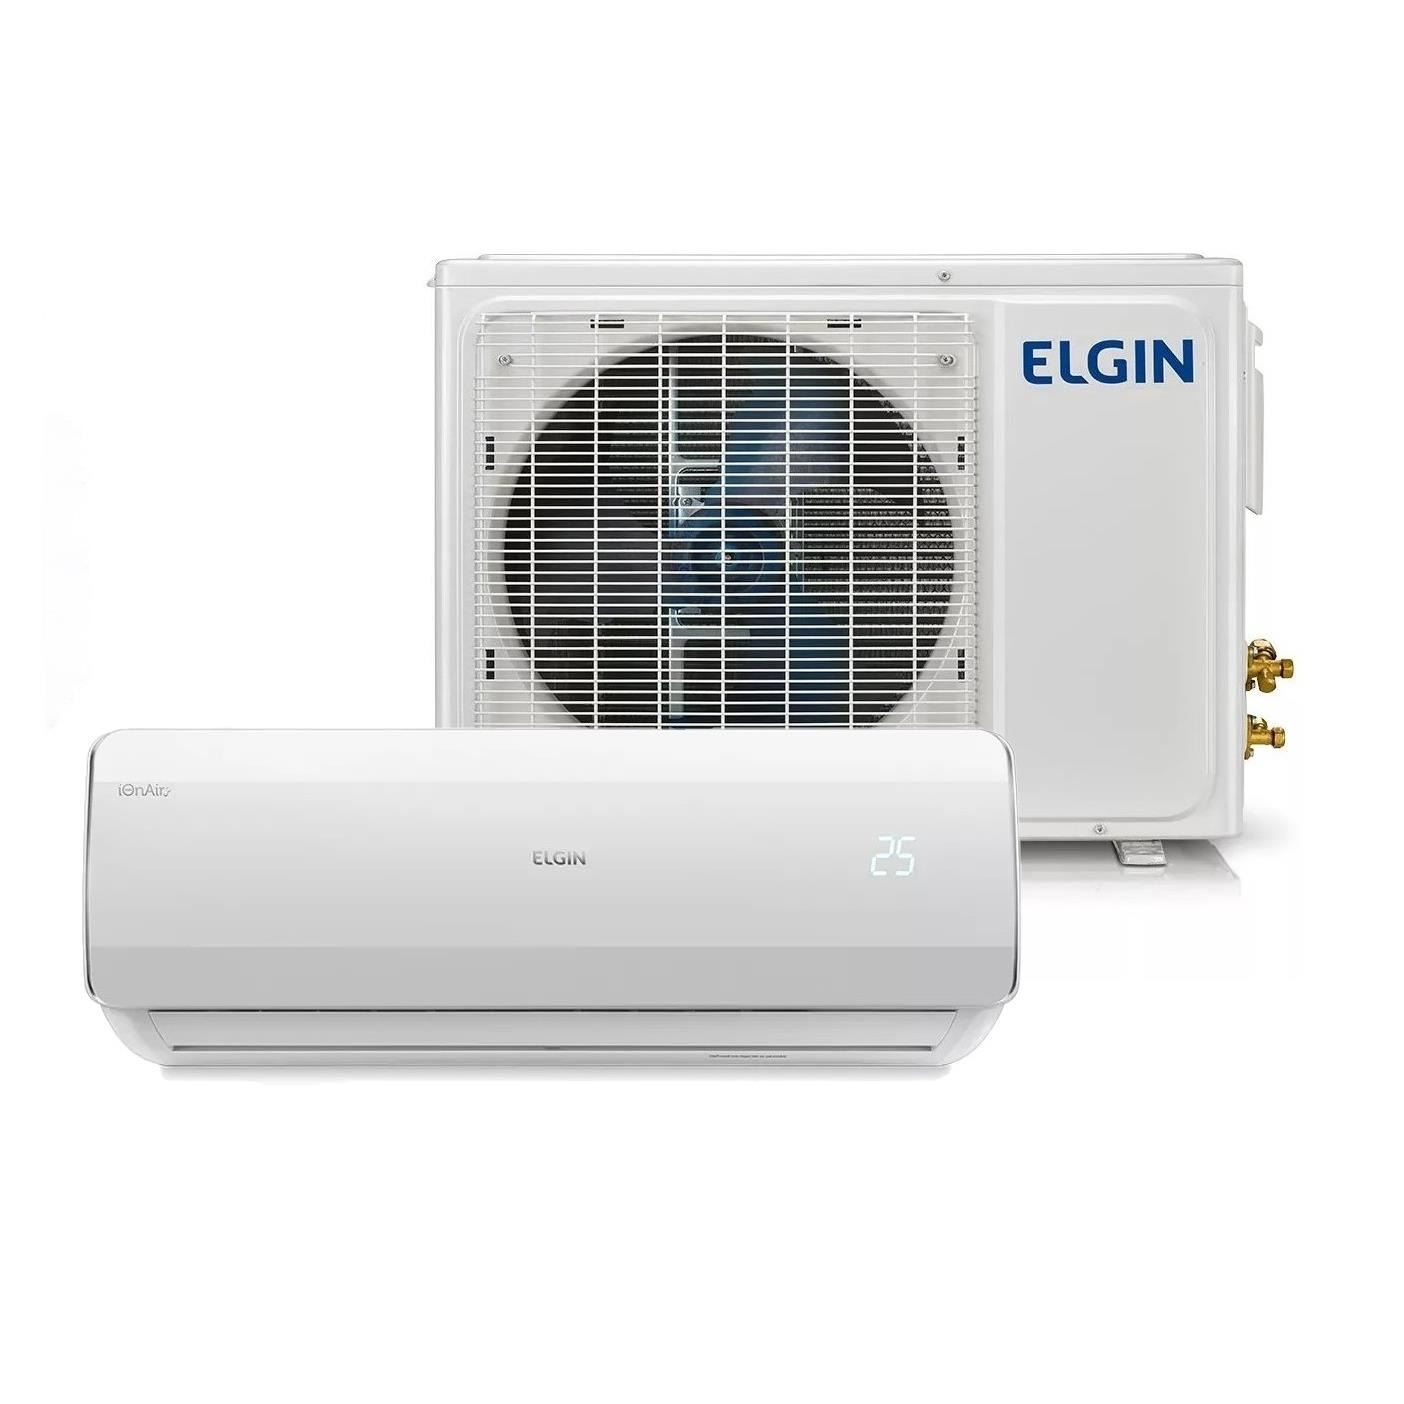 Ar Condicionado Split Elgin Eco Power 9000 BTUs 220V - So frio - HWFI09B2IA